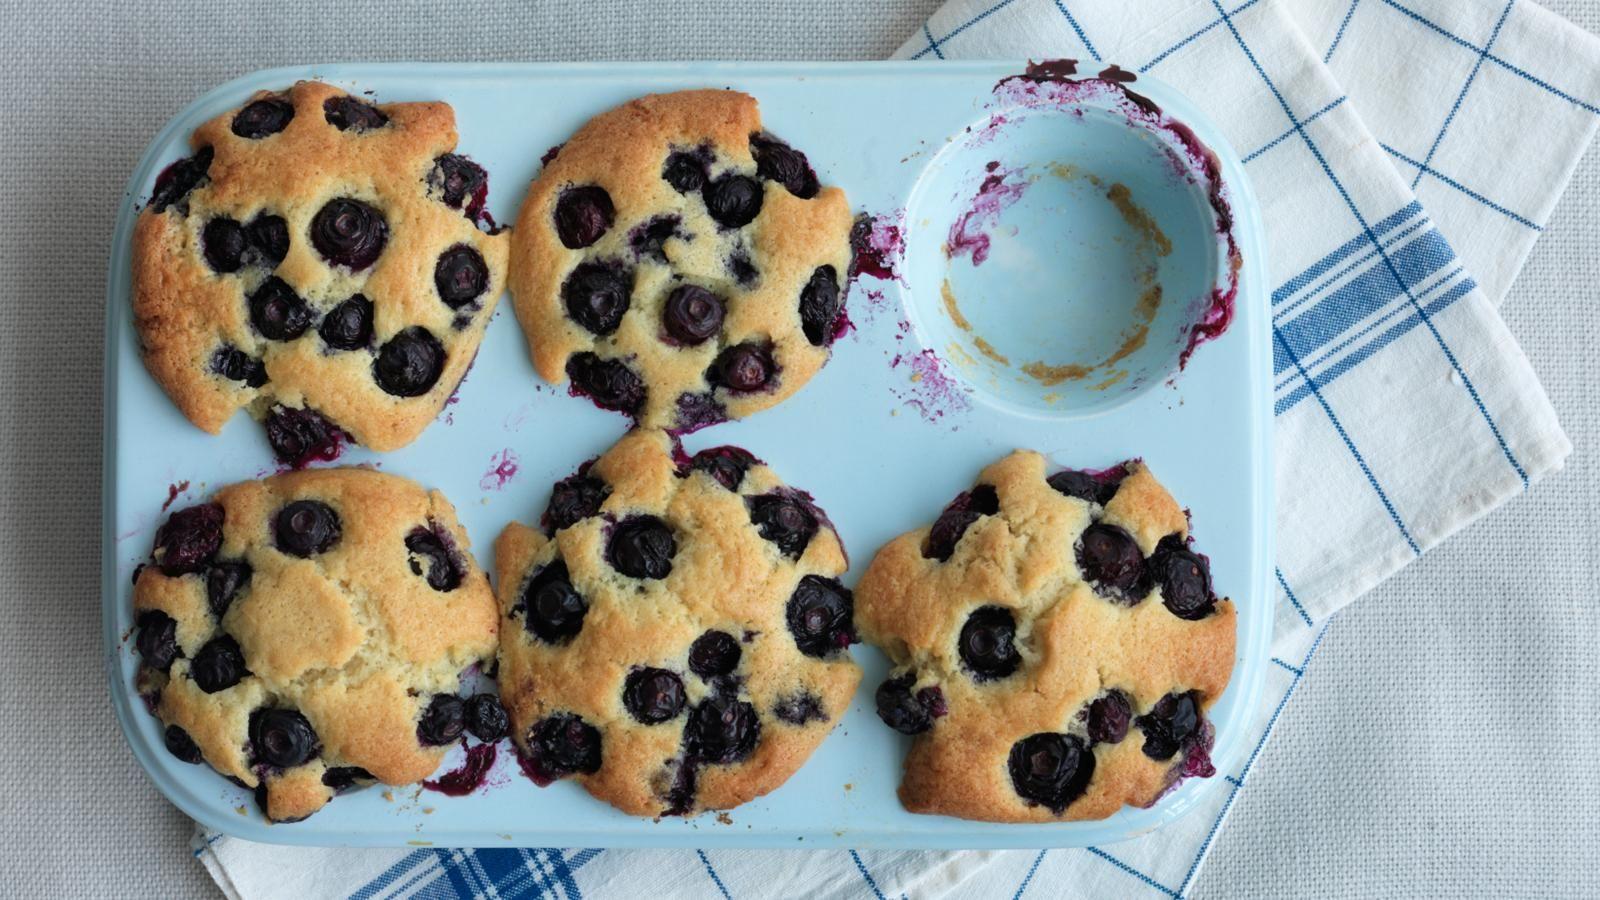 Blueberry muffin recipe recipe blue berry muffins